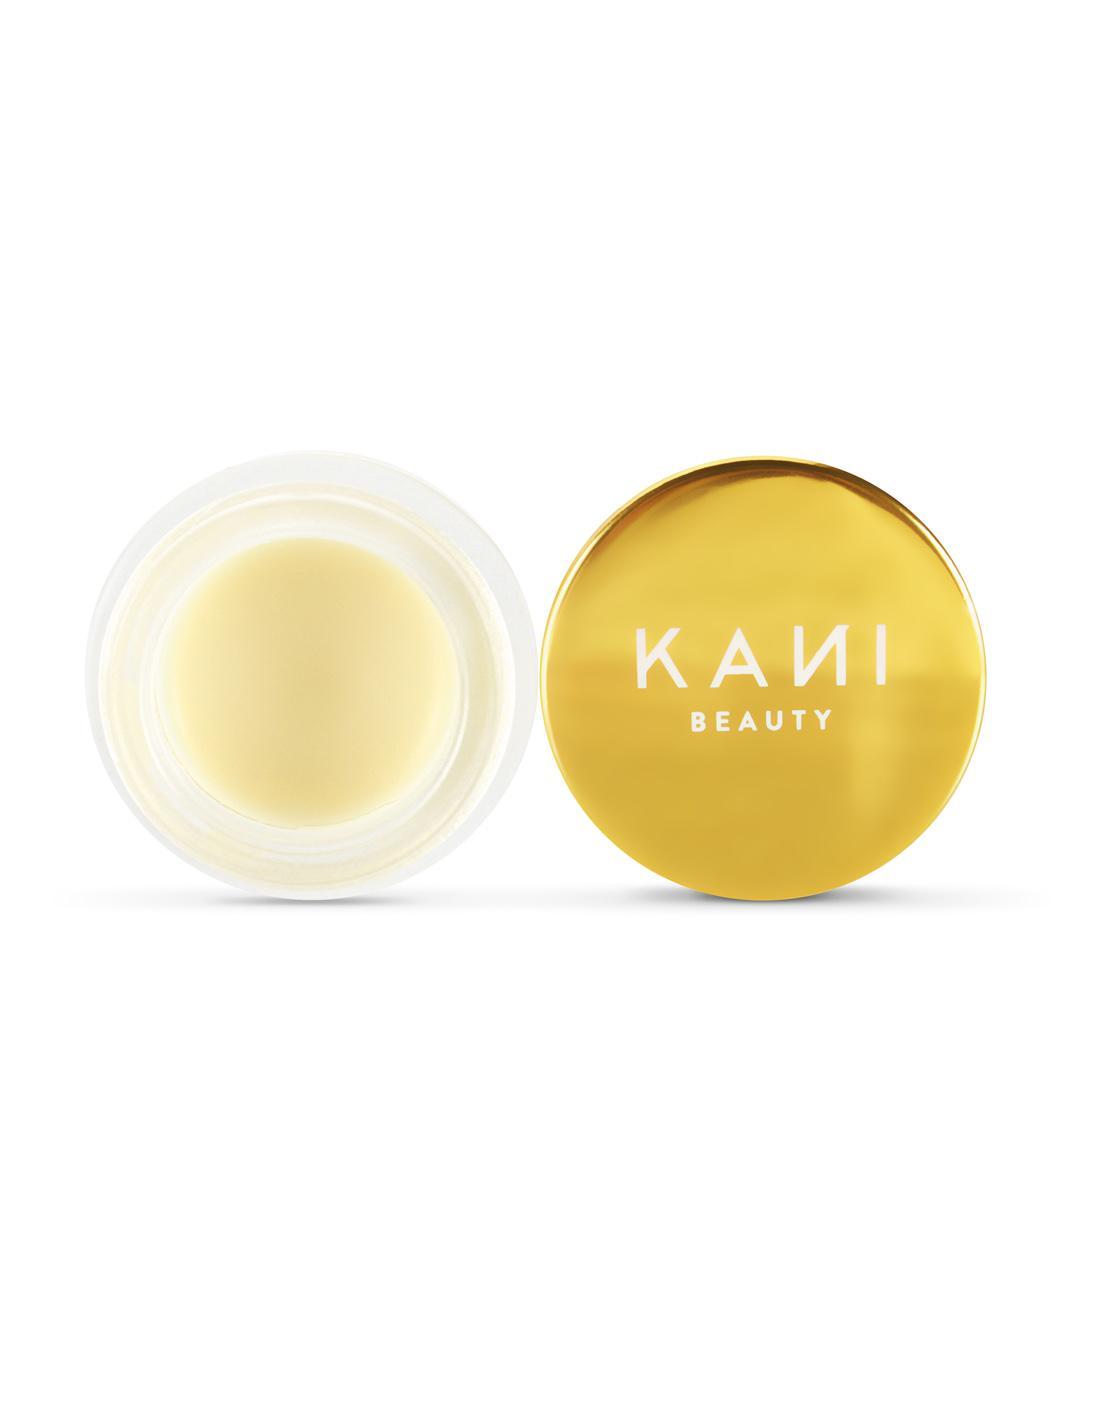 Mint Kiss - Vanilla + Mint Hydrating Lip Balm